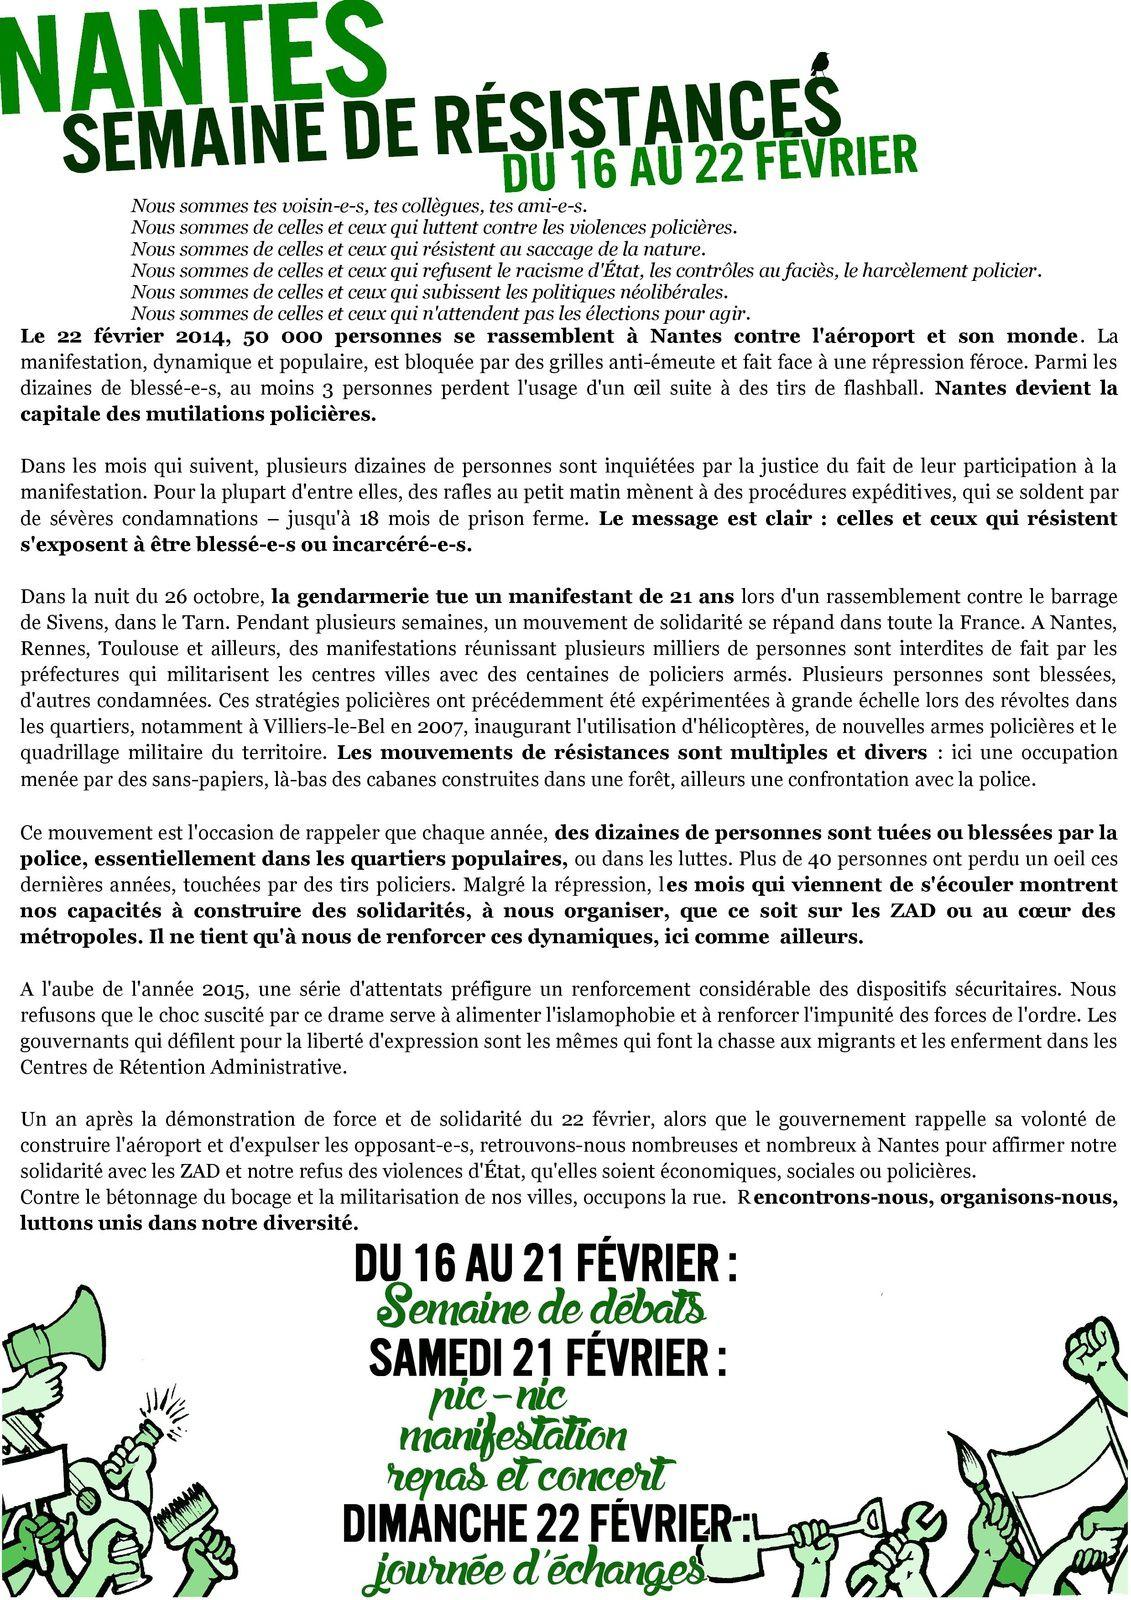 SEMAINE DE RESISTANCES